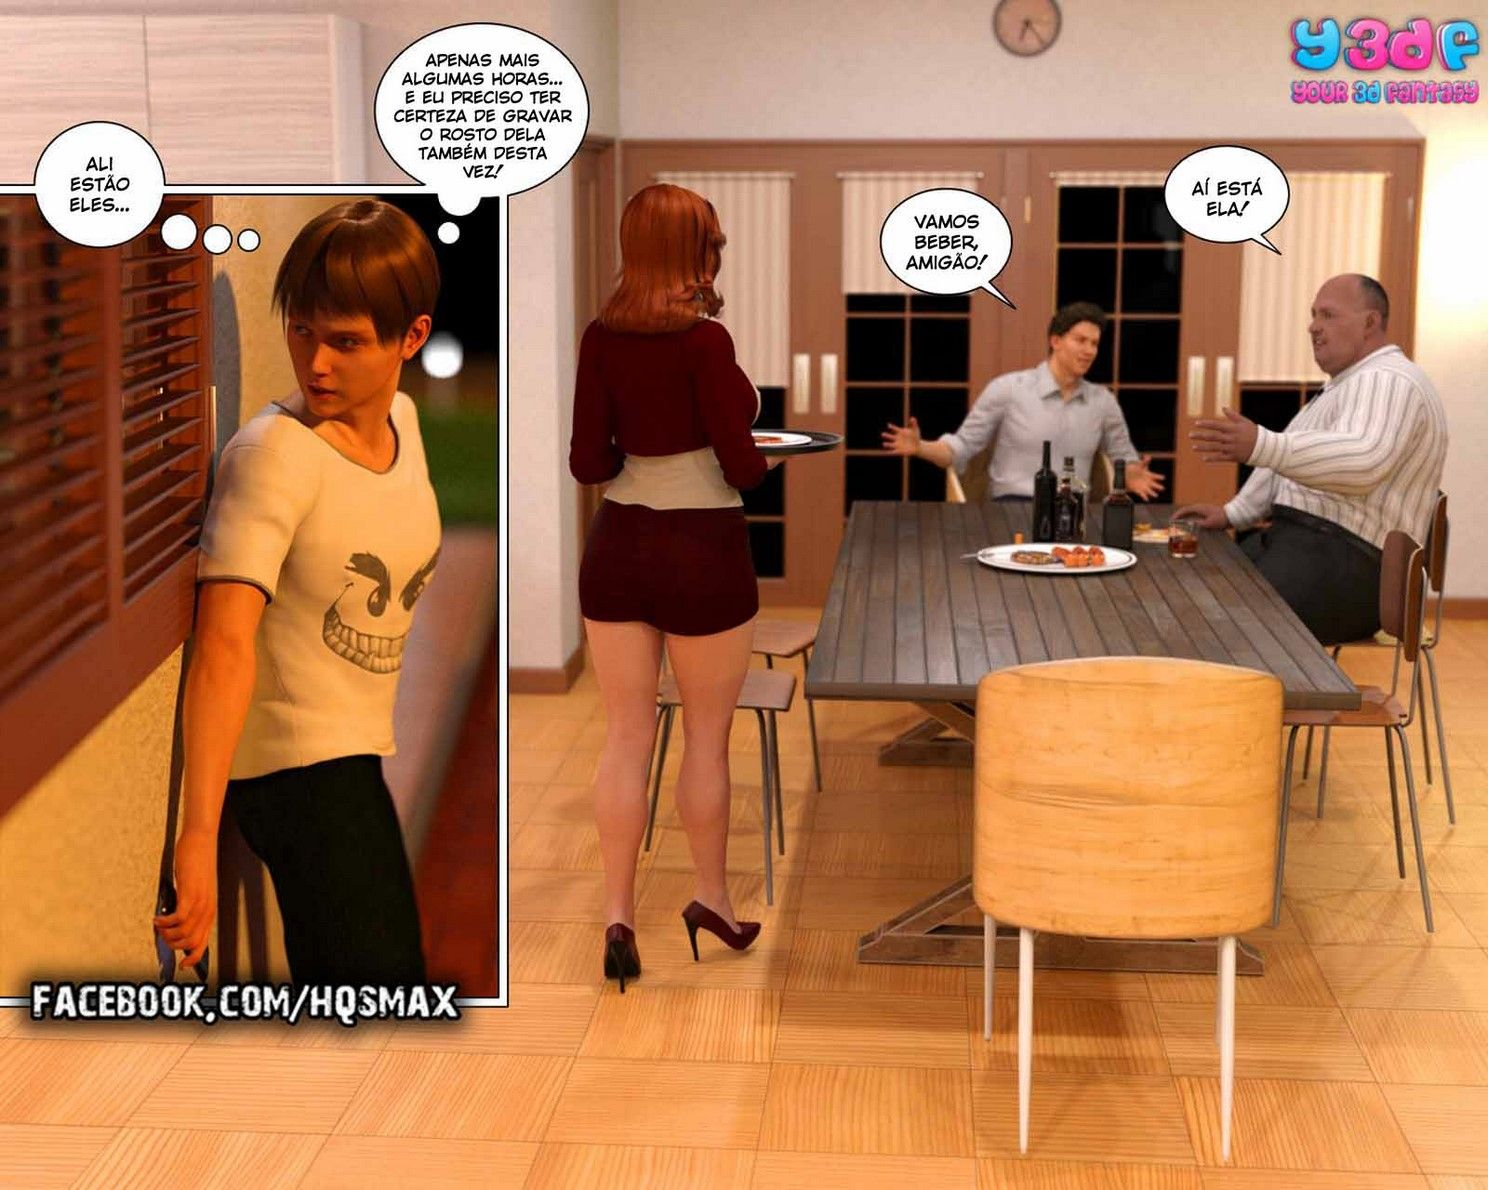 O-chefe-tarado-01-A-chantagem-53